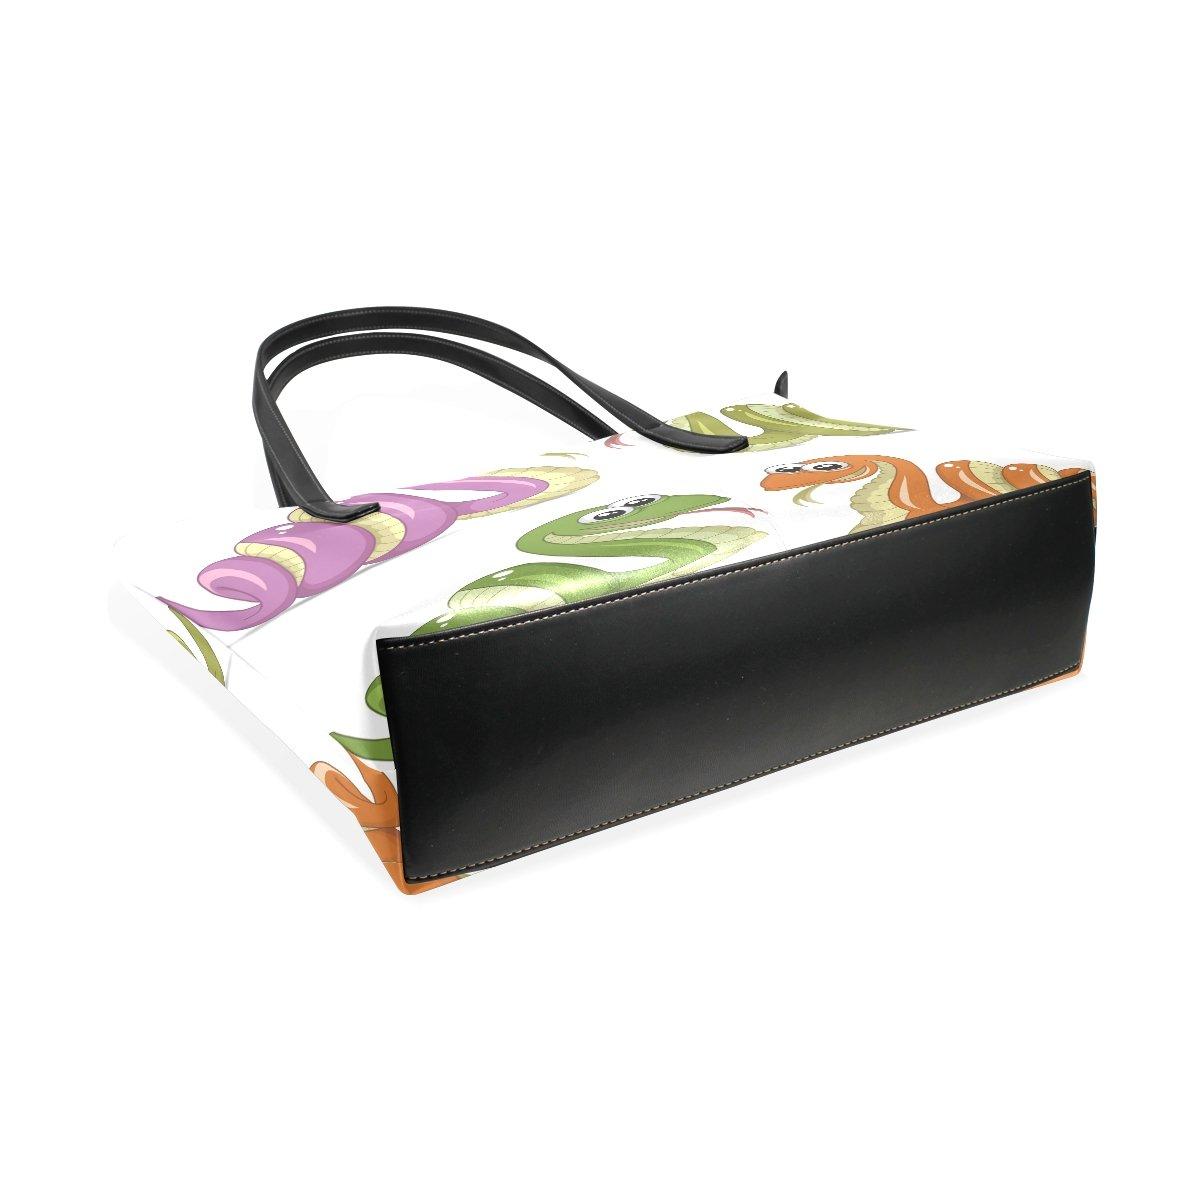 Womens Leather Top Handle Shoulder Handbag Four Color Snakes Large Work Tote Bag